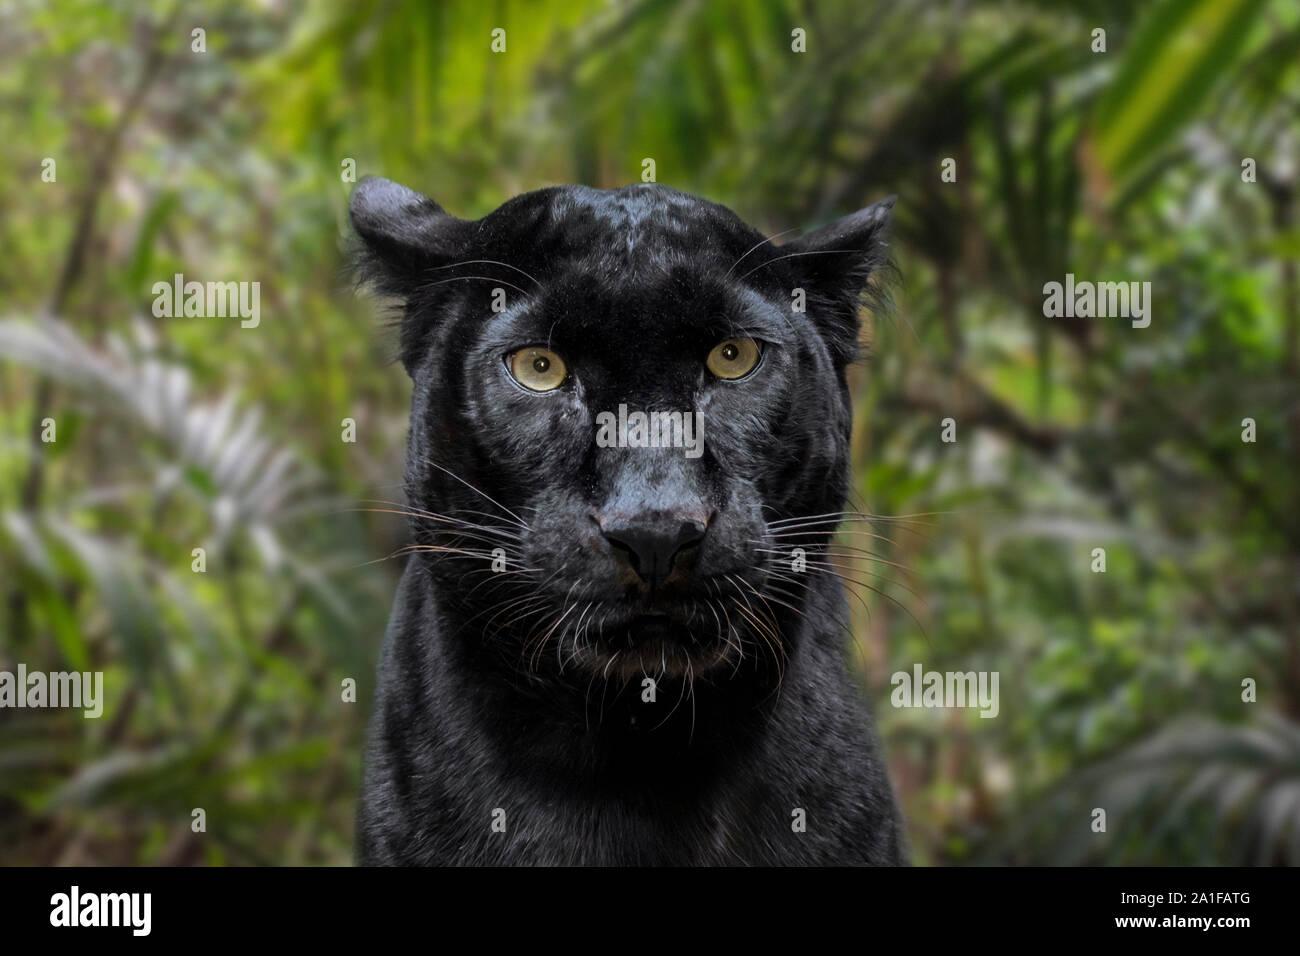 Melanistic leopard / Black Panther (Panthera pardus) en forêt tropicale, originaire d'Afrique subsaharienne et l'Asie Banque D'Images